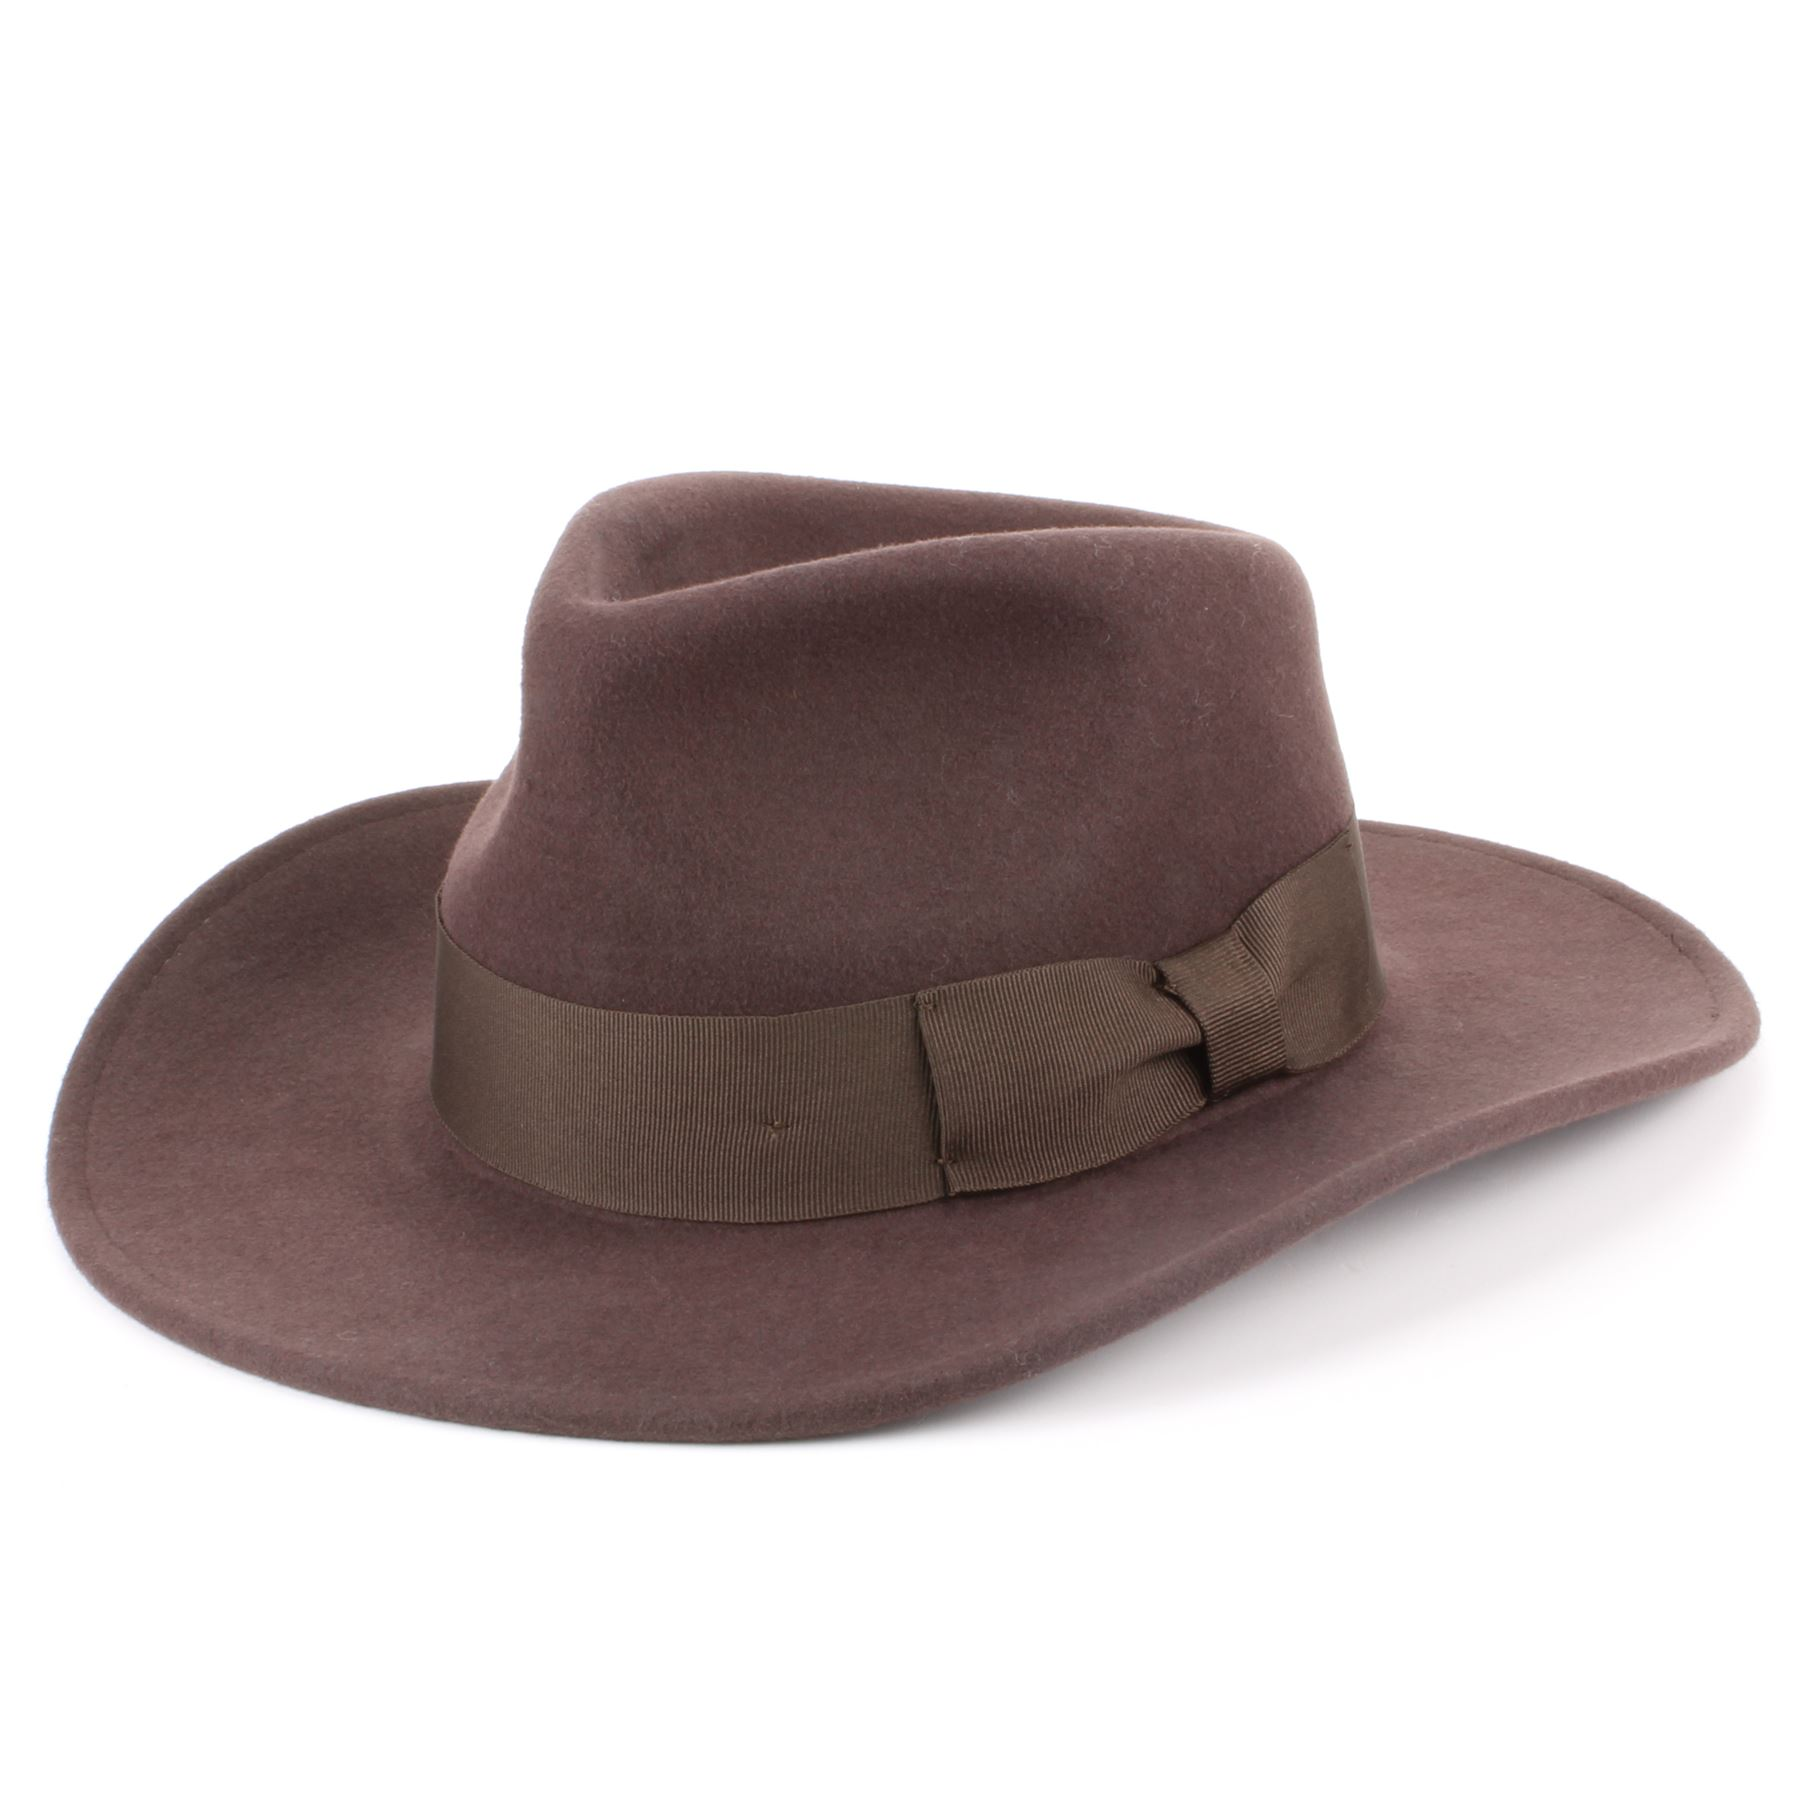 Hawkins fieltro de lana sombrero de Fedora con banda ancha grosgrain 8ff6c41b62b